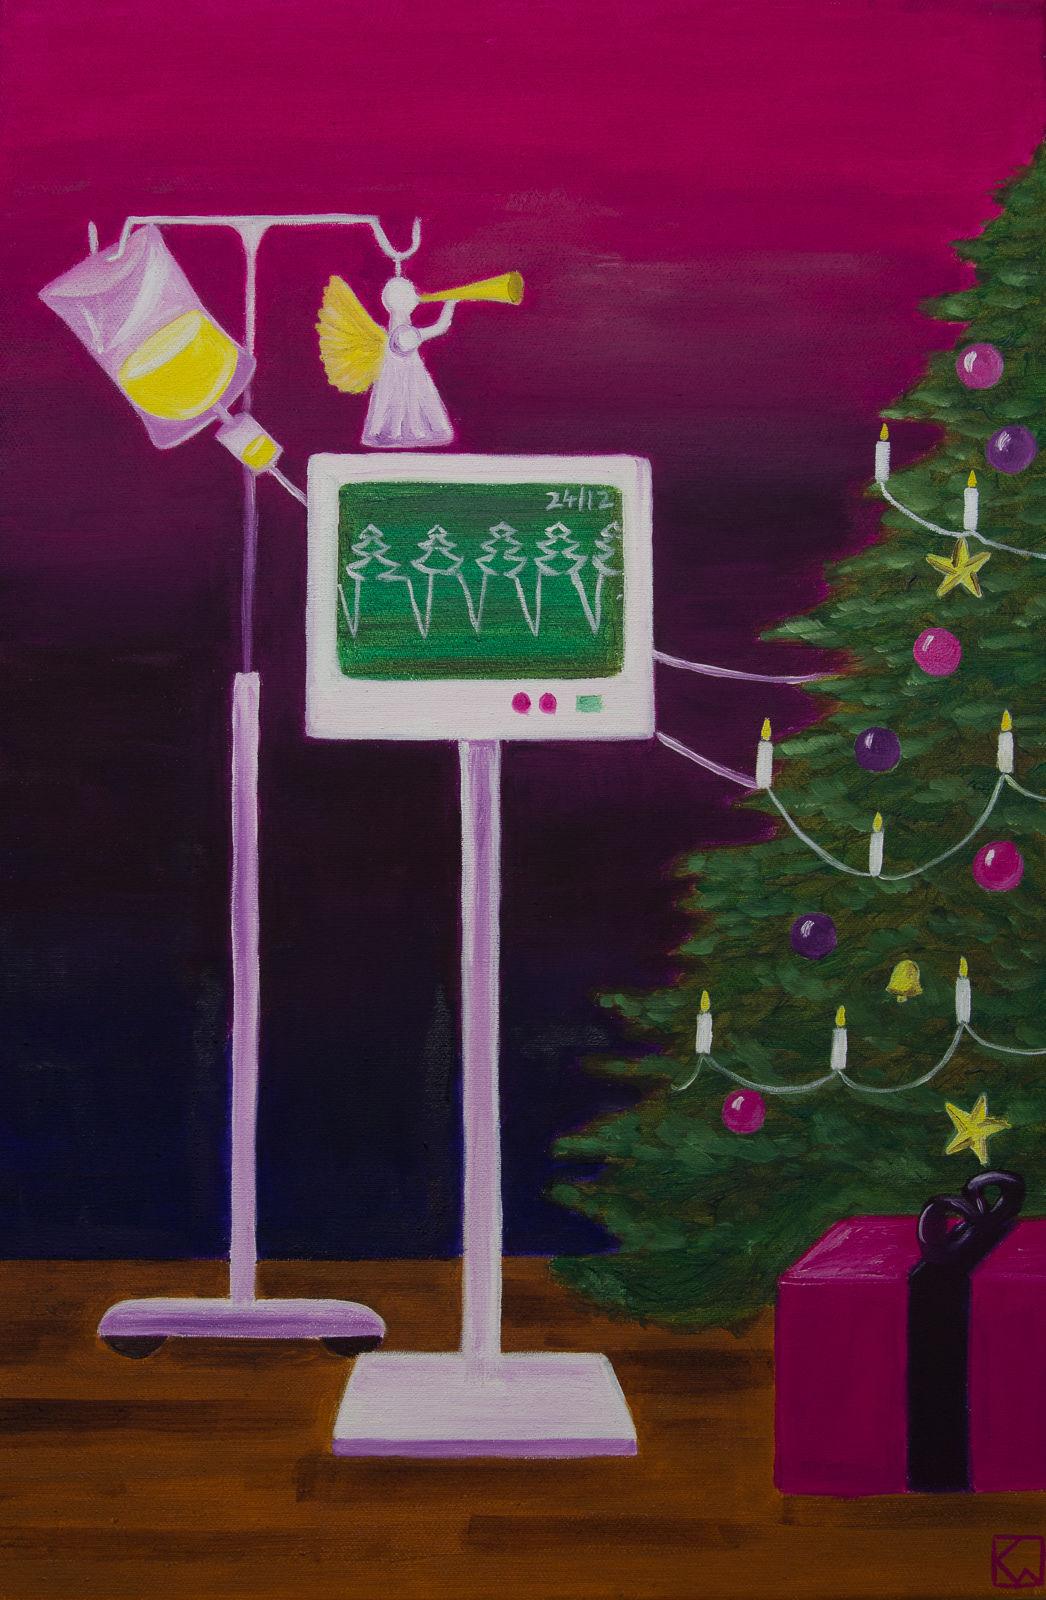 bild weihnachten sterben malerei surreal von katharina. Black Bedroom Furniture Sets. Home Design Ideas